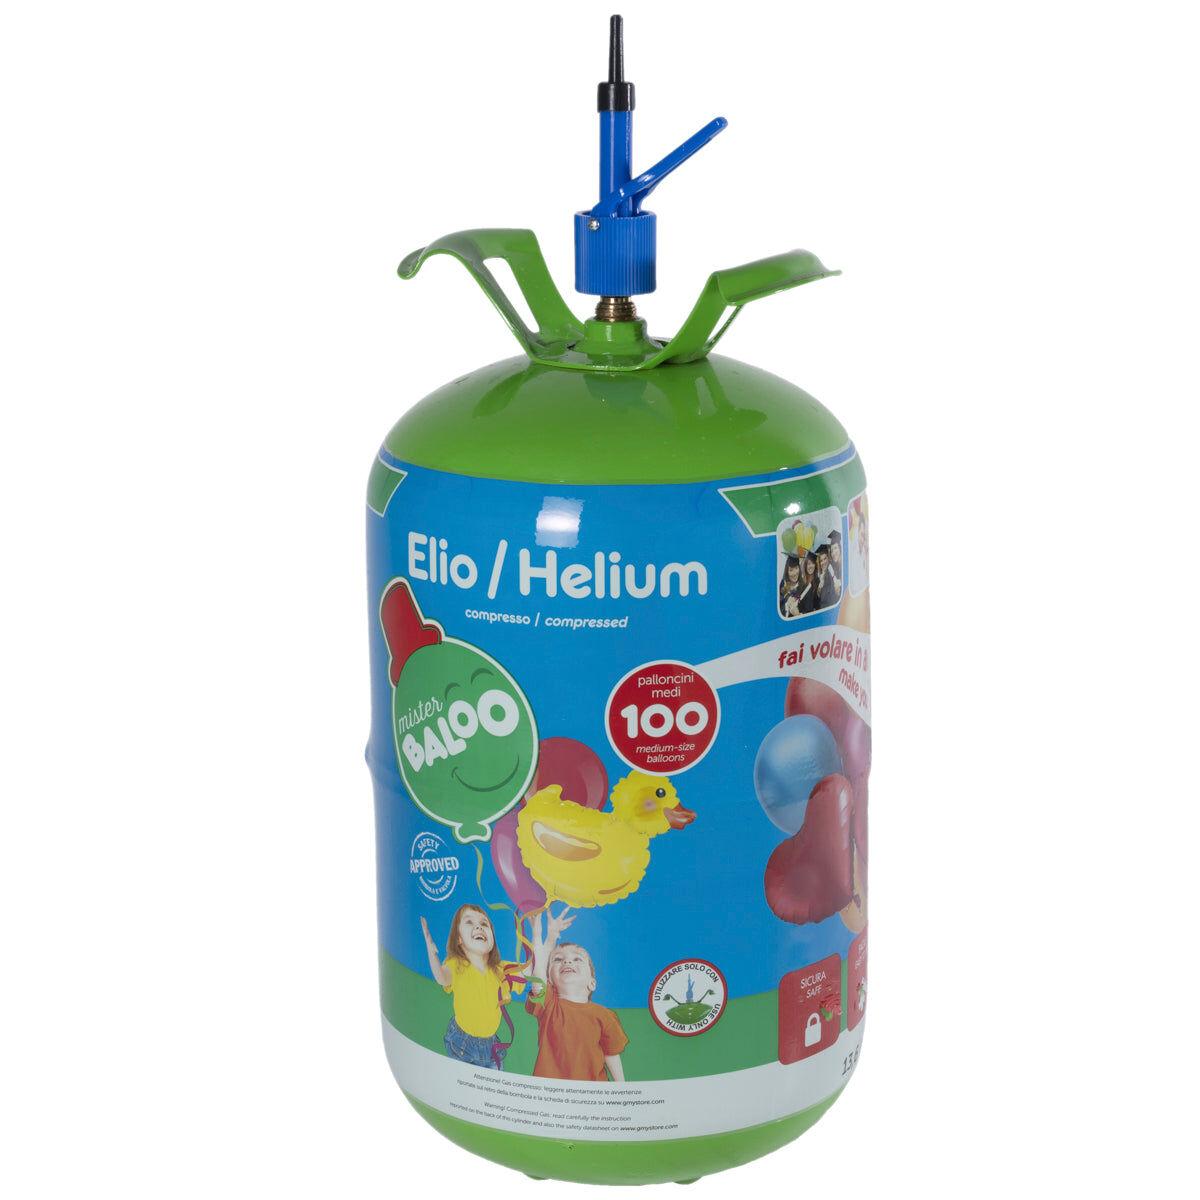 Mister Baloo bombola elio usa e getta per 100 palloncini inclusi